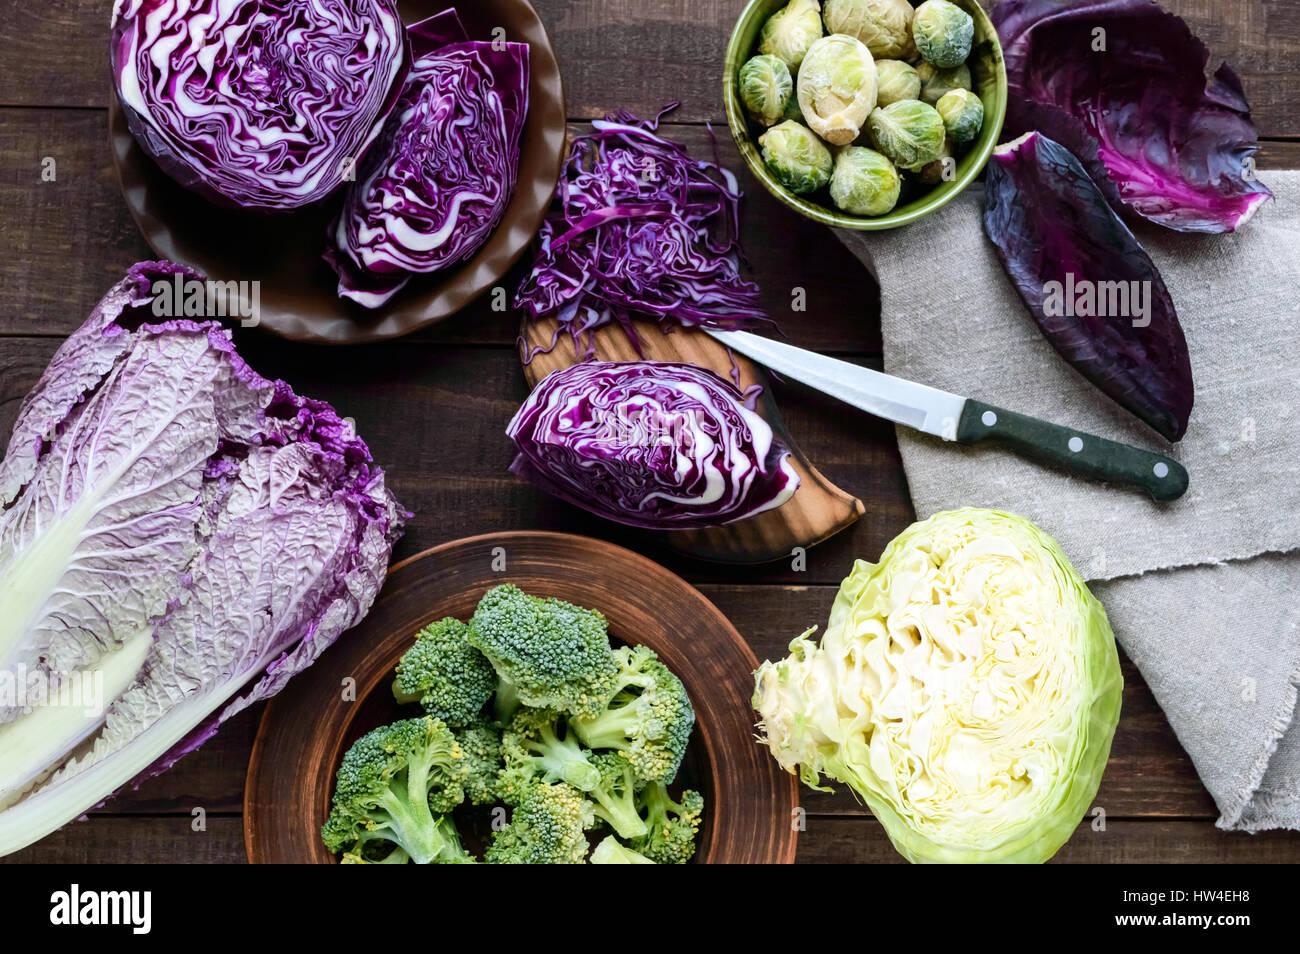 Viele Arten von Kohl - Brokkoli, Rosenkohl, weiß, rot, Chinakohl. Zutaten für die Zubereitung von Gemüsegerichten. Stockbild